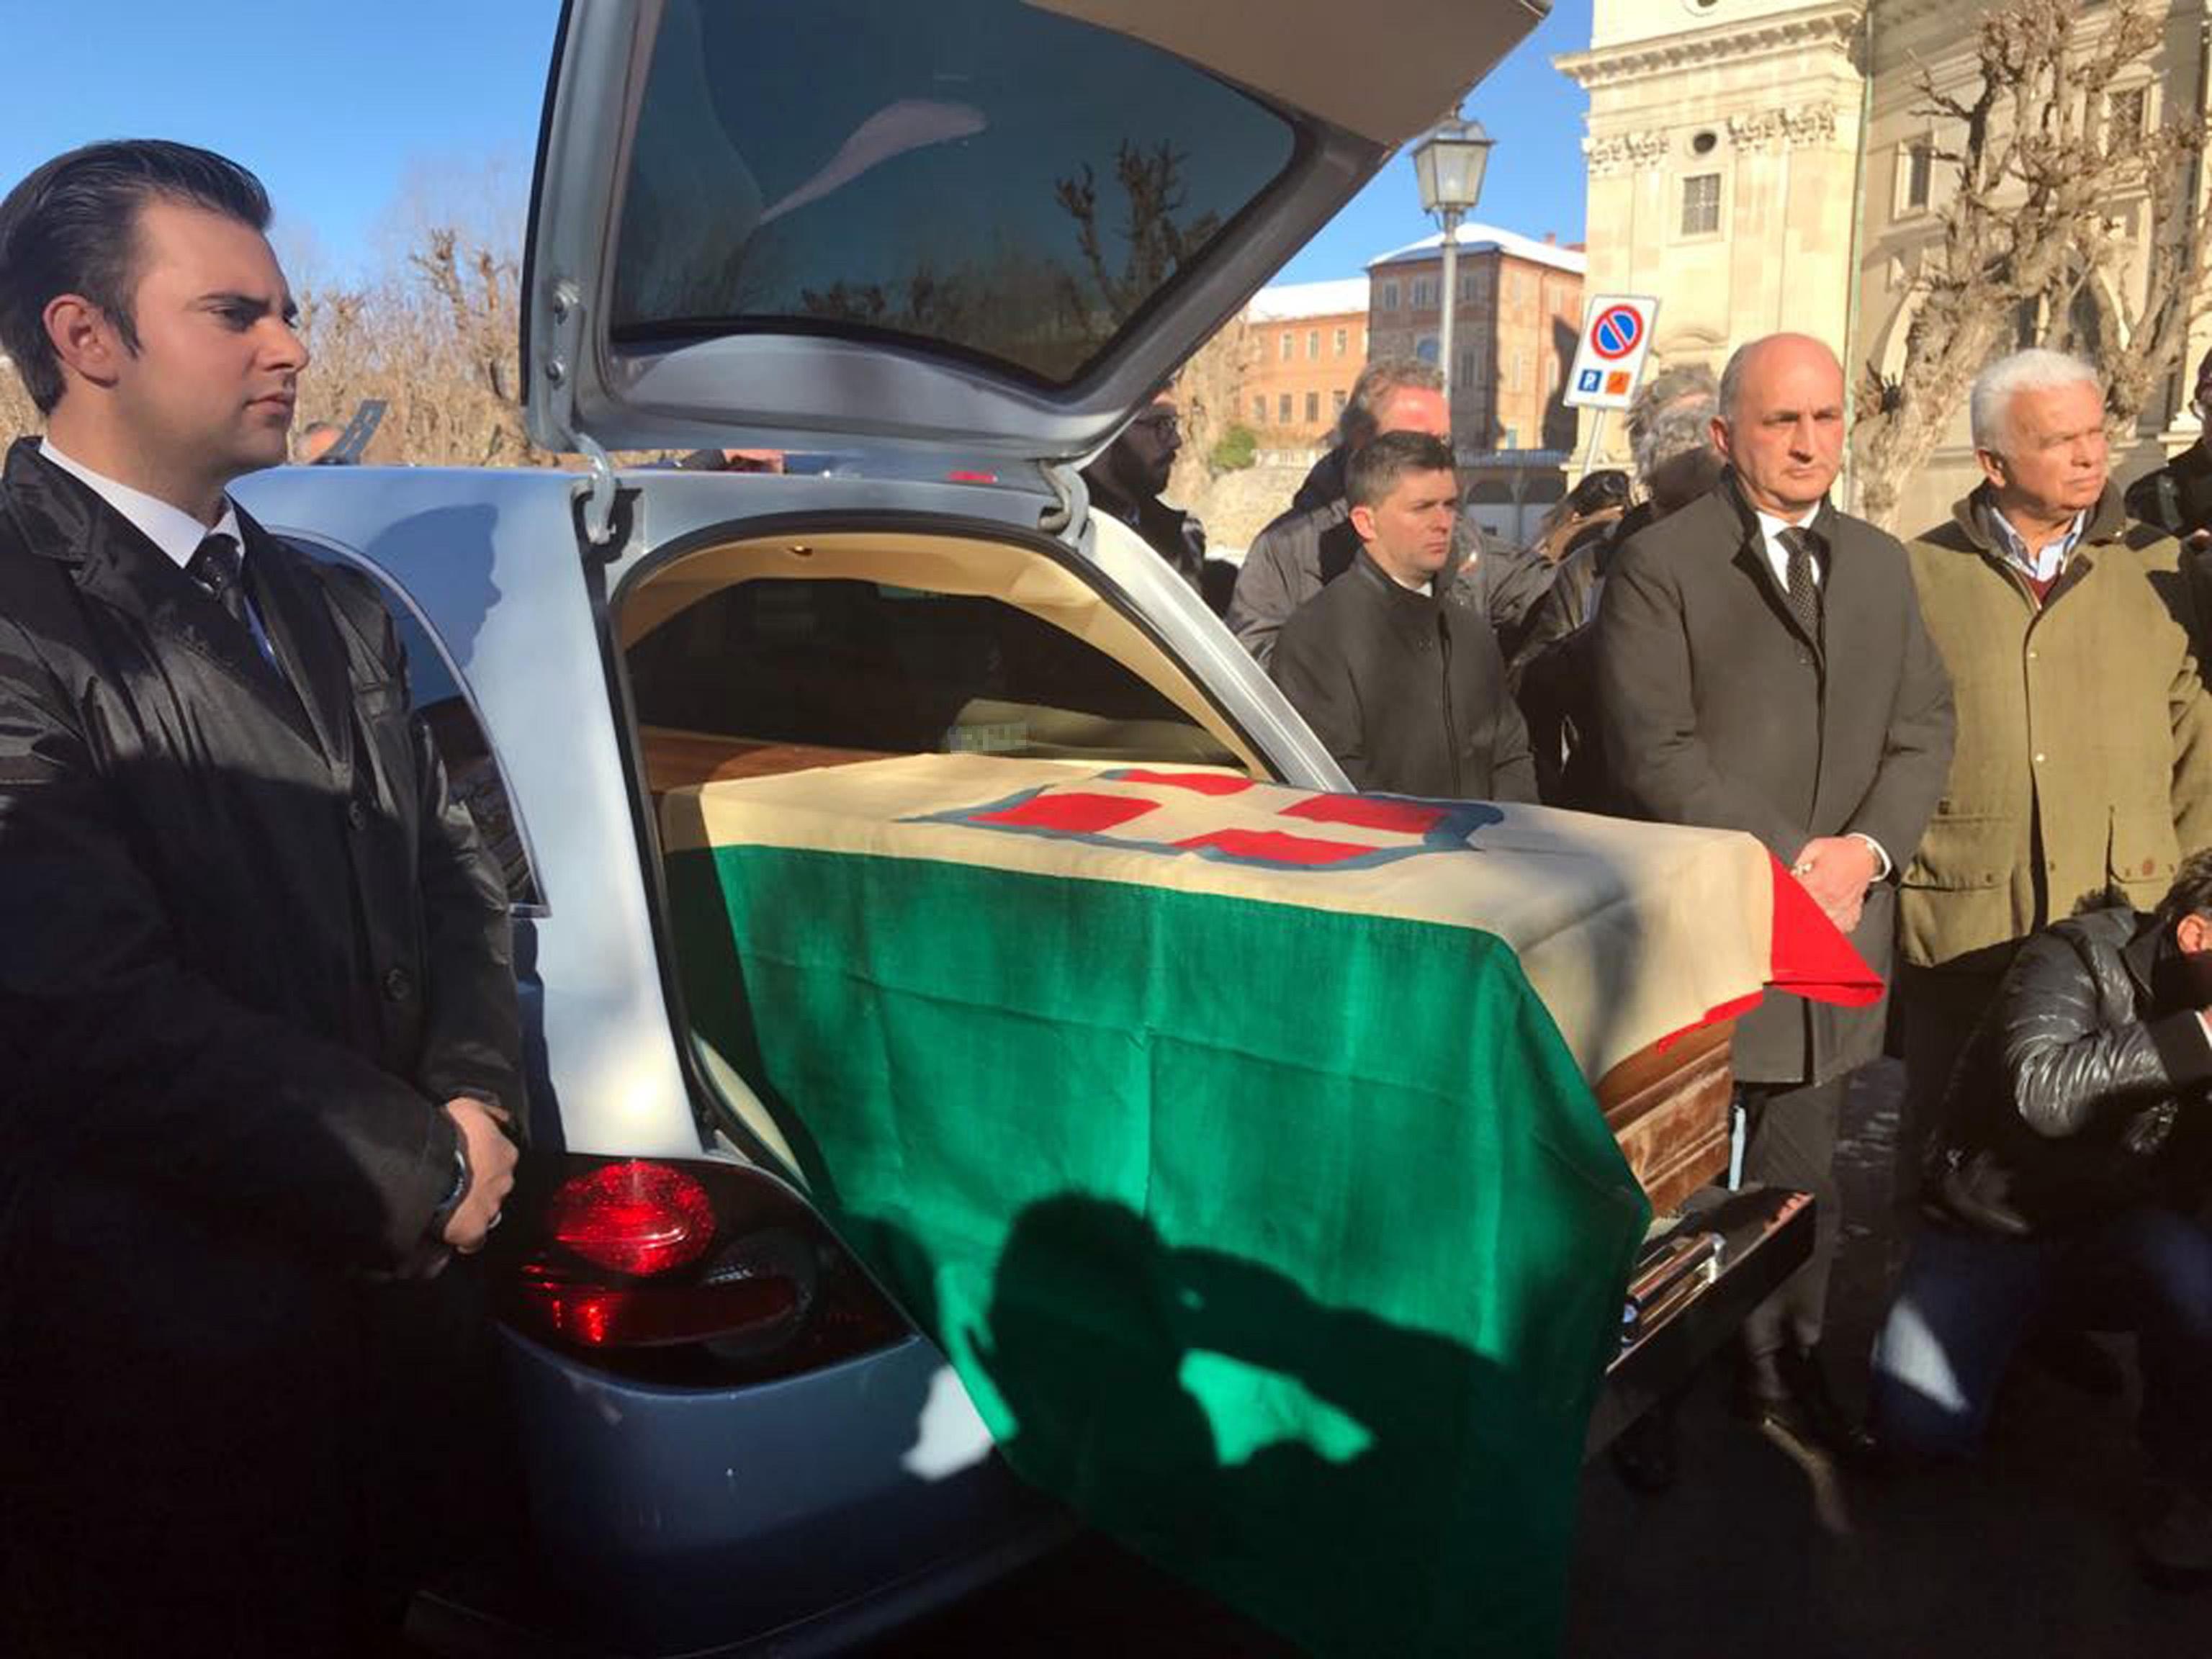 Savoia: D'Alema, sgradevole volo Stato